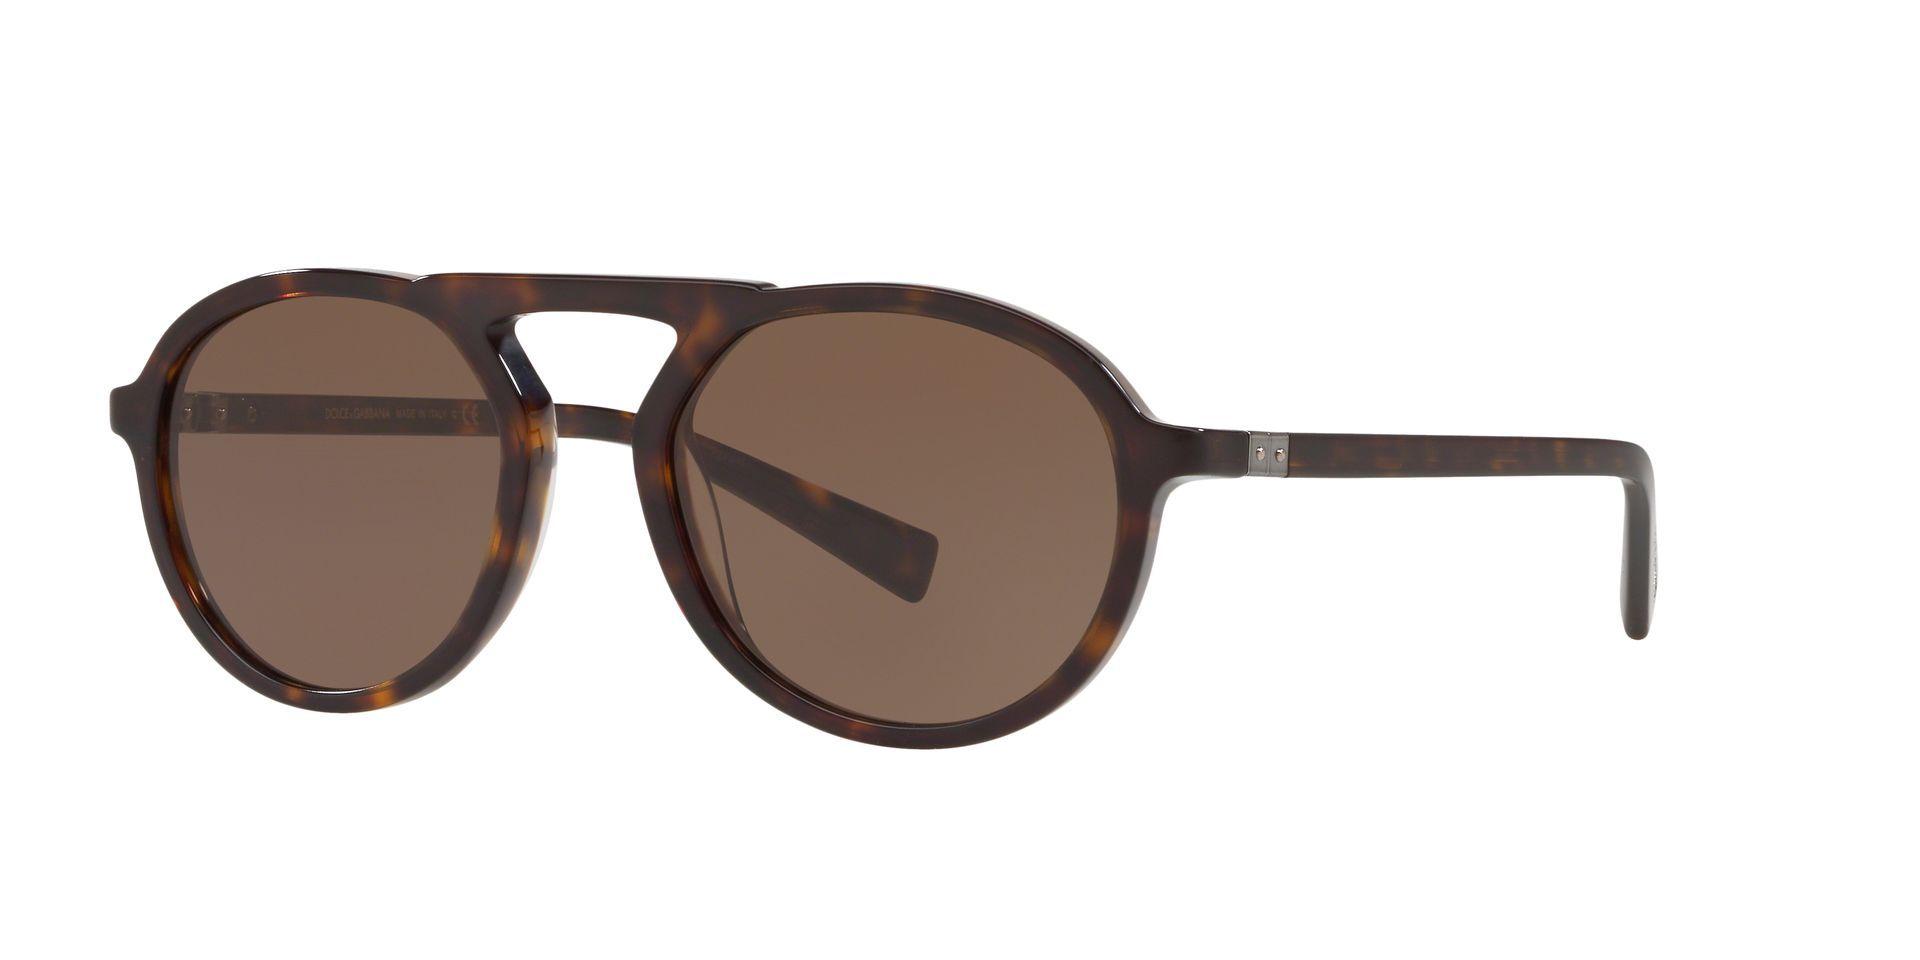 e33e19db1c43 Dolce&Gabbana DG4351F Sunglasses FREE S&H DG4351F-319980-54,  DG4351F-501-87-54, DG4351F-502-73-54. Dolce&Gabbana Sunglasses for Men.